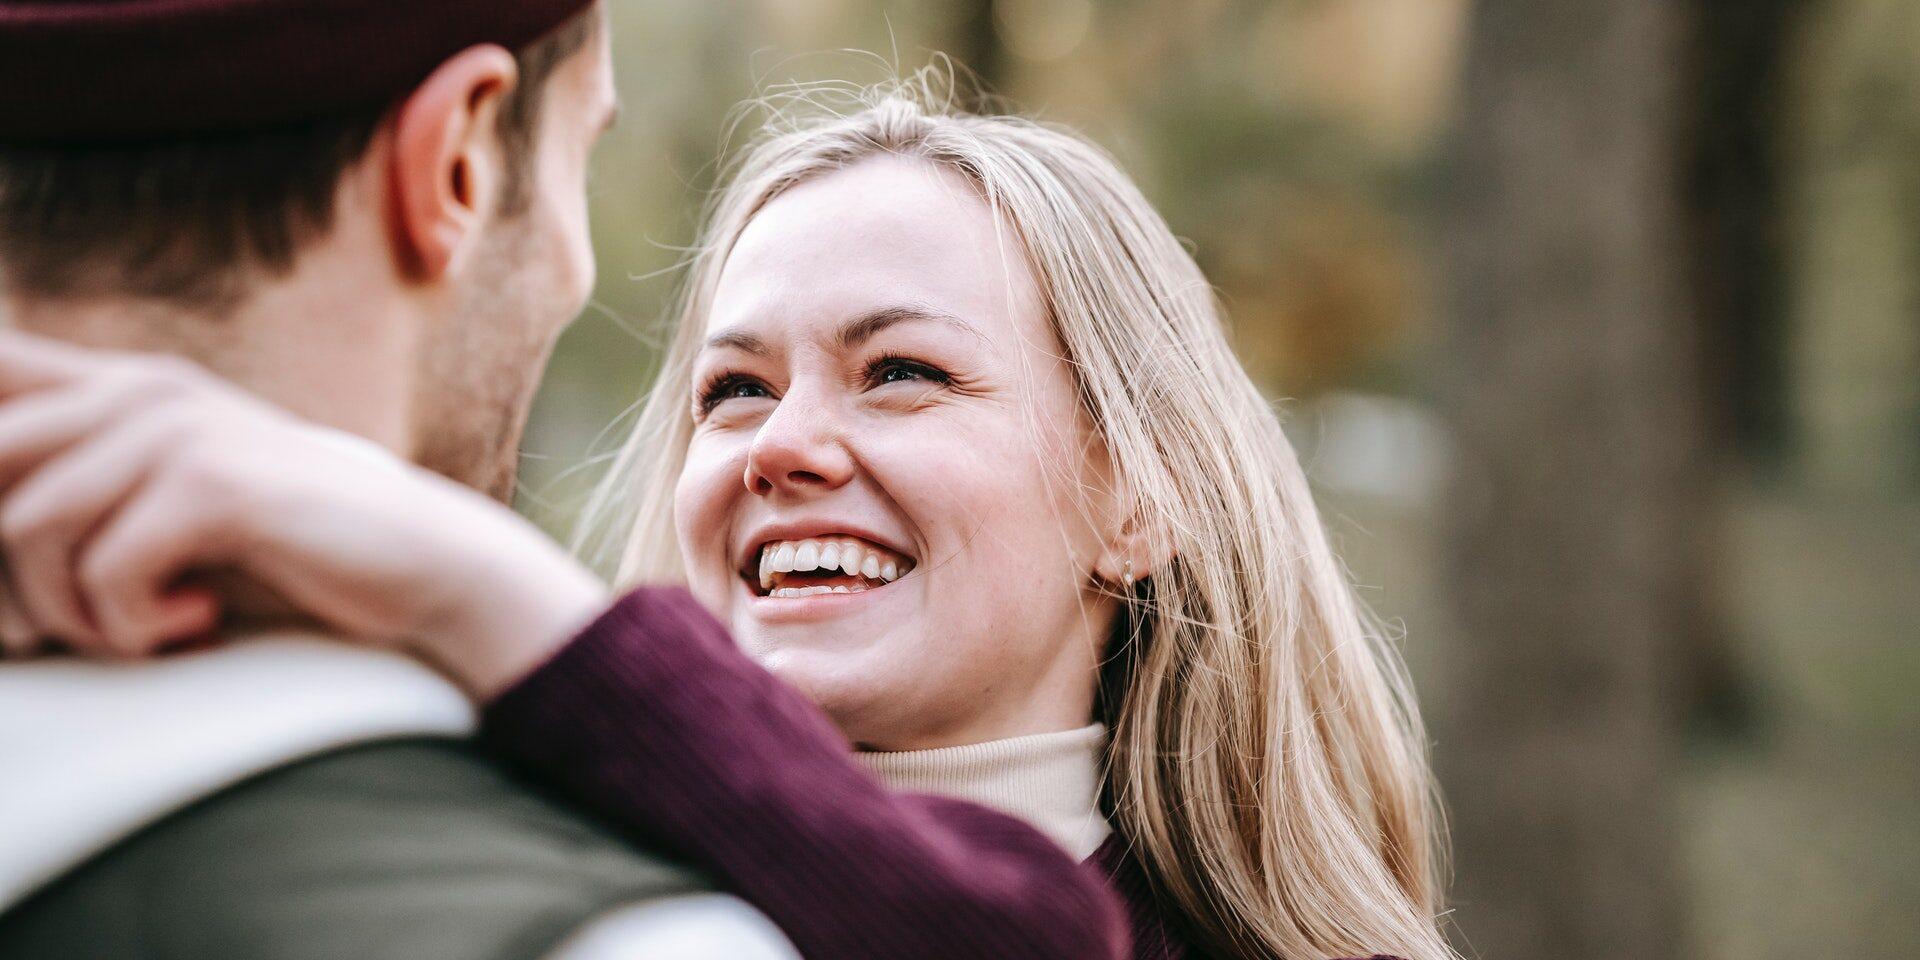 Vaalea nainen halaa miestä ja hymyilee